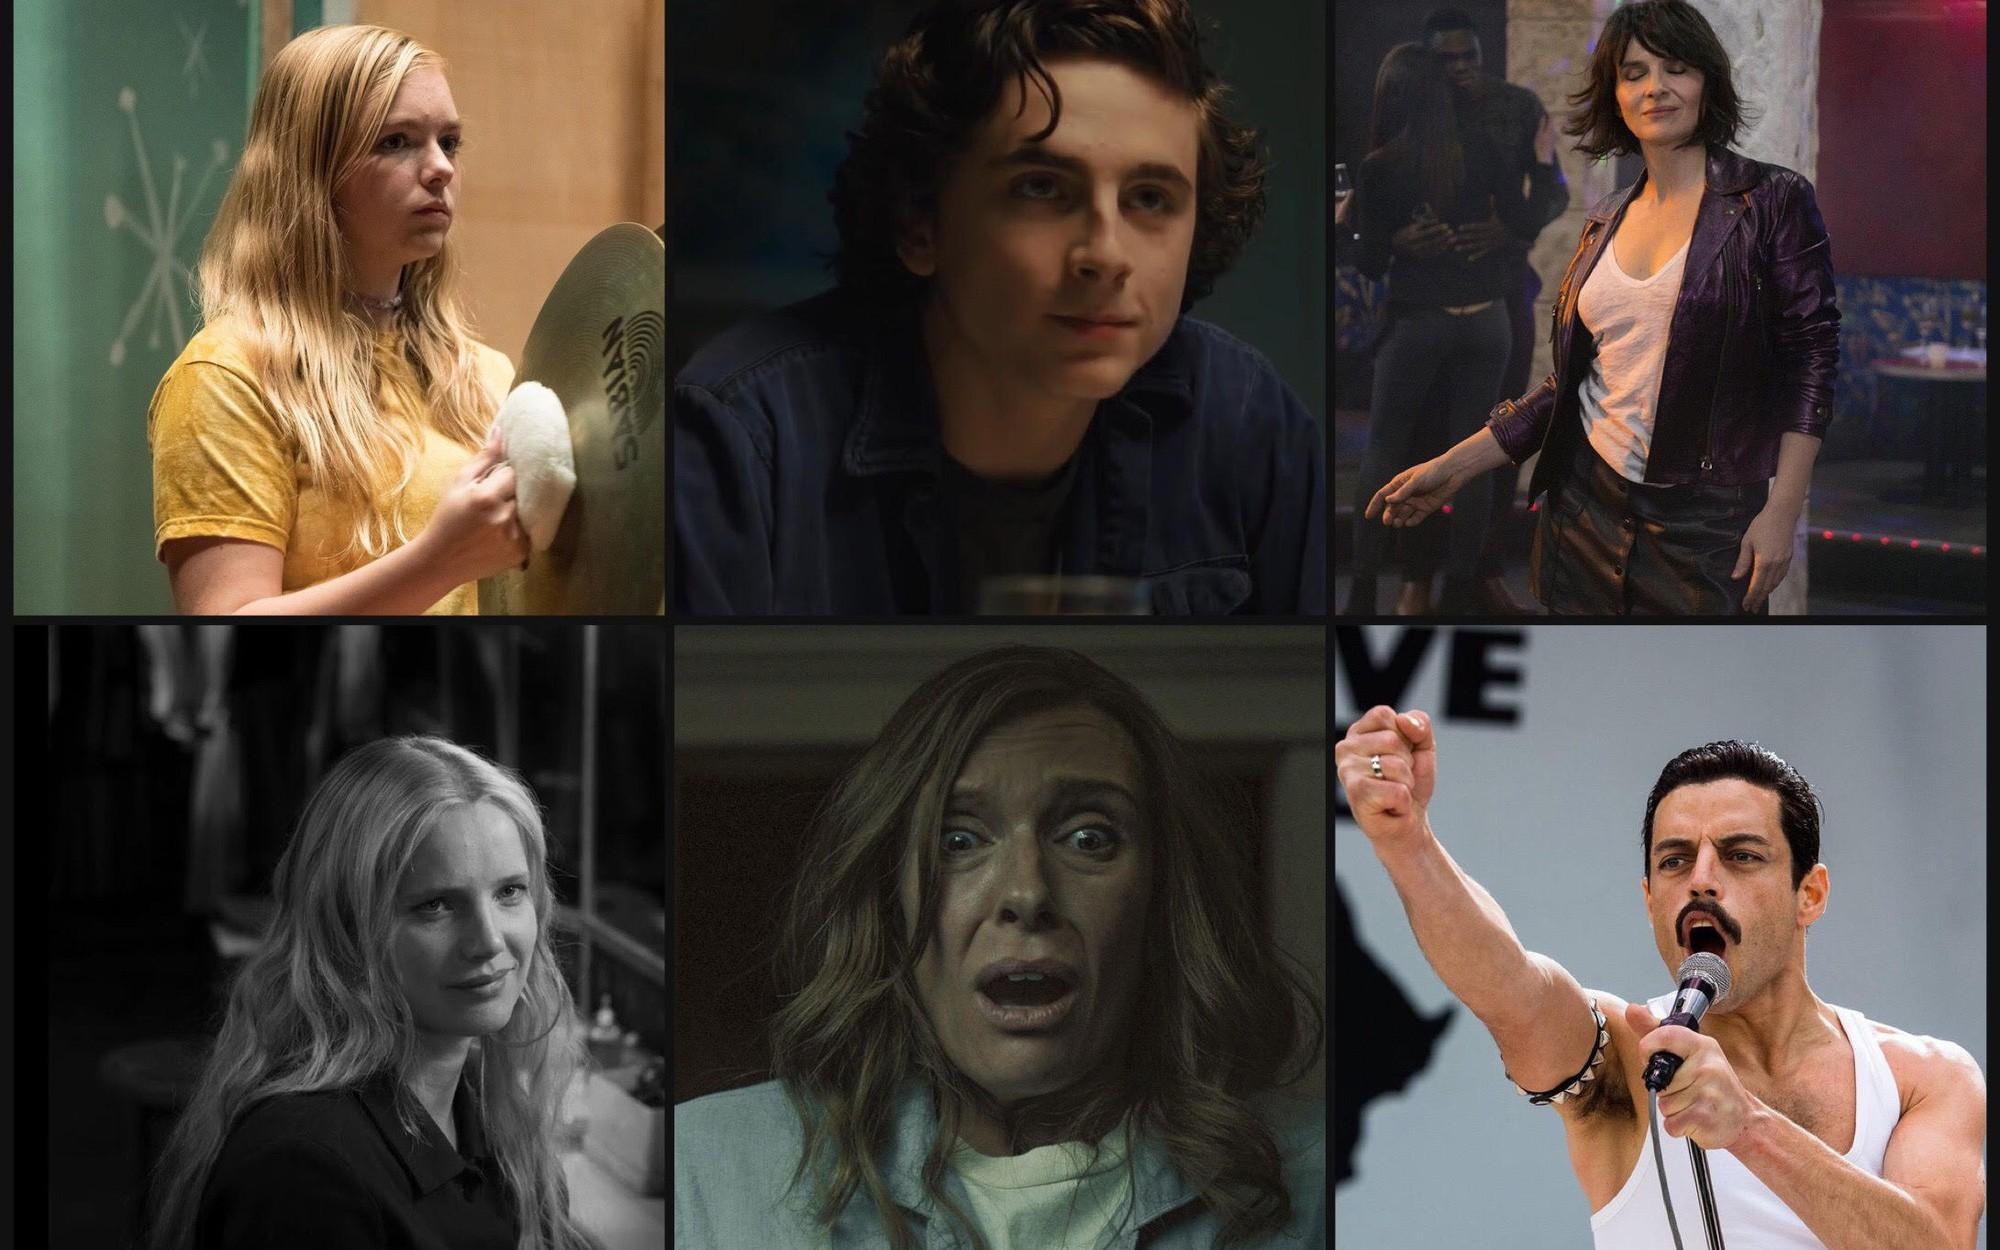 The Hollywood Reporter công bố 30 vai diễn xuất sắc nhất năm 2018